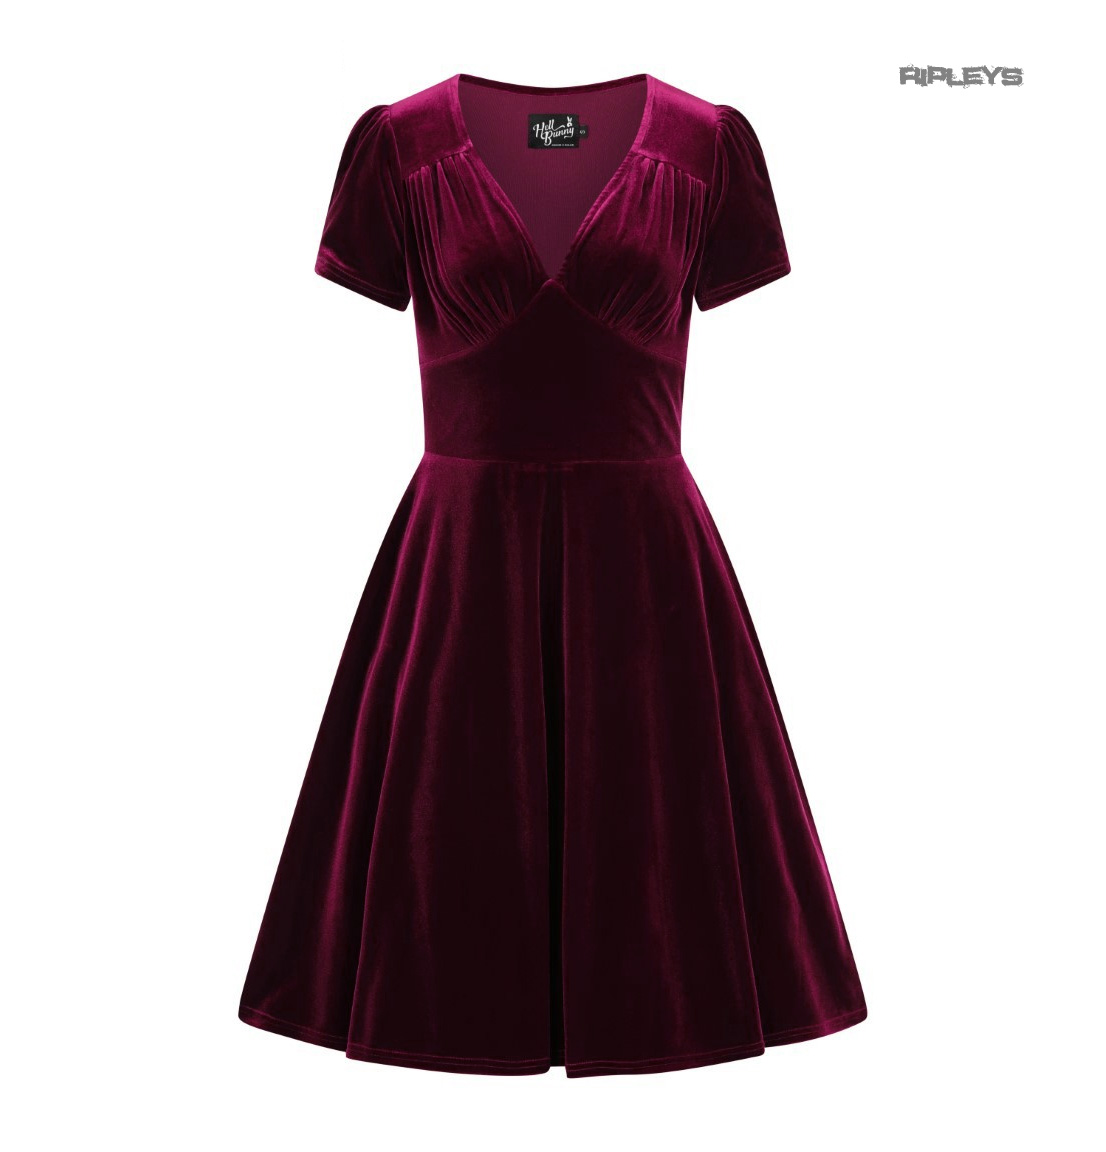 Hell-Bunny-40s-50s-Elegant-Pin-Up-Dress-JOANNE-Crushed-Velvet-Burgundy-All-Sizes thumbnail 4